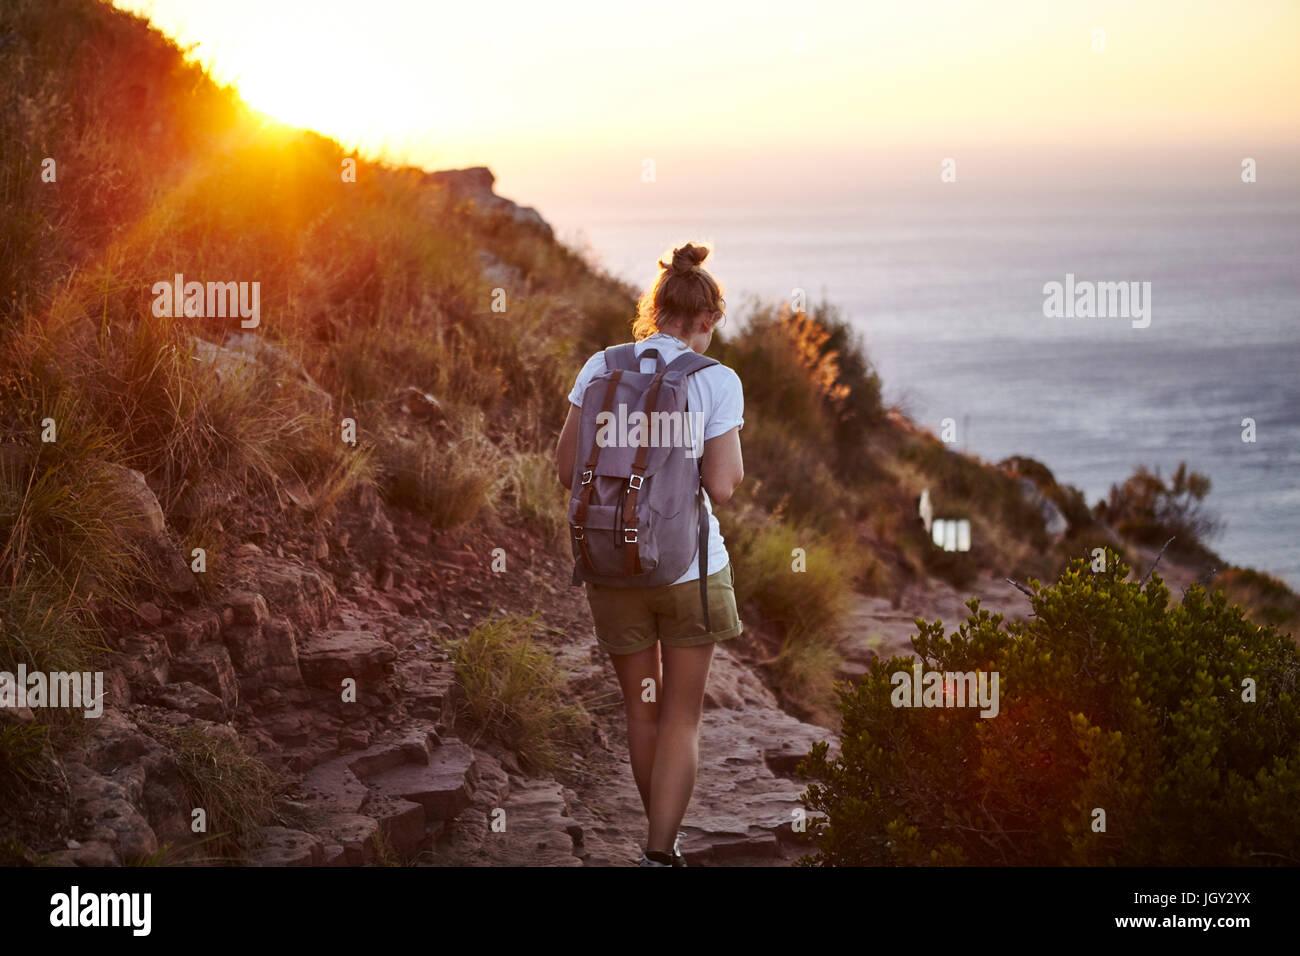 Jeune femme randonnée, vue arrière, Lions Head Mountain, Western Cape, Cape Town, Afrique du Sud Photo Stock